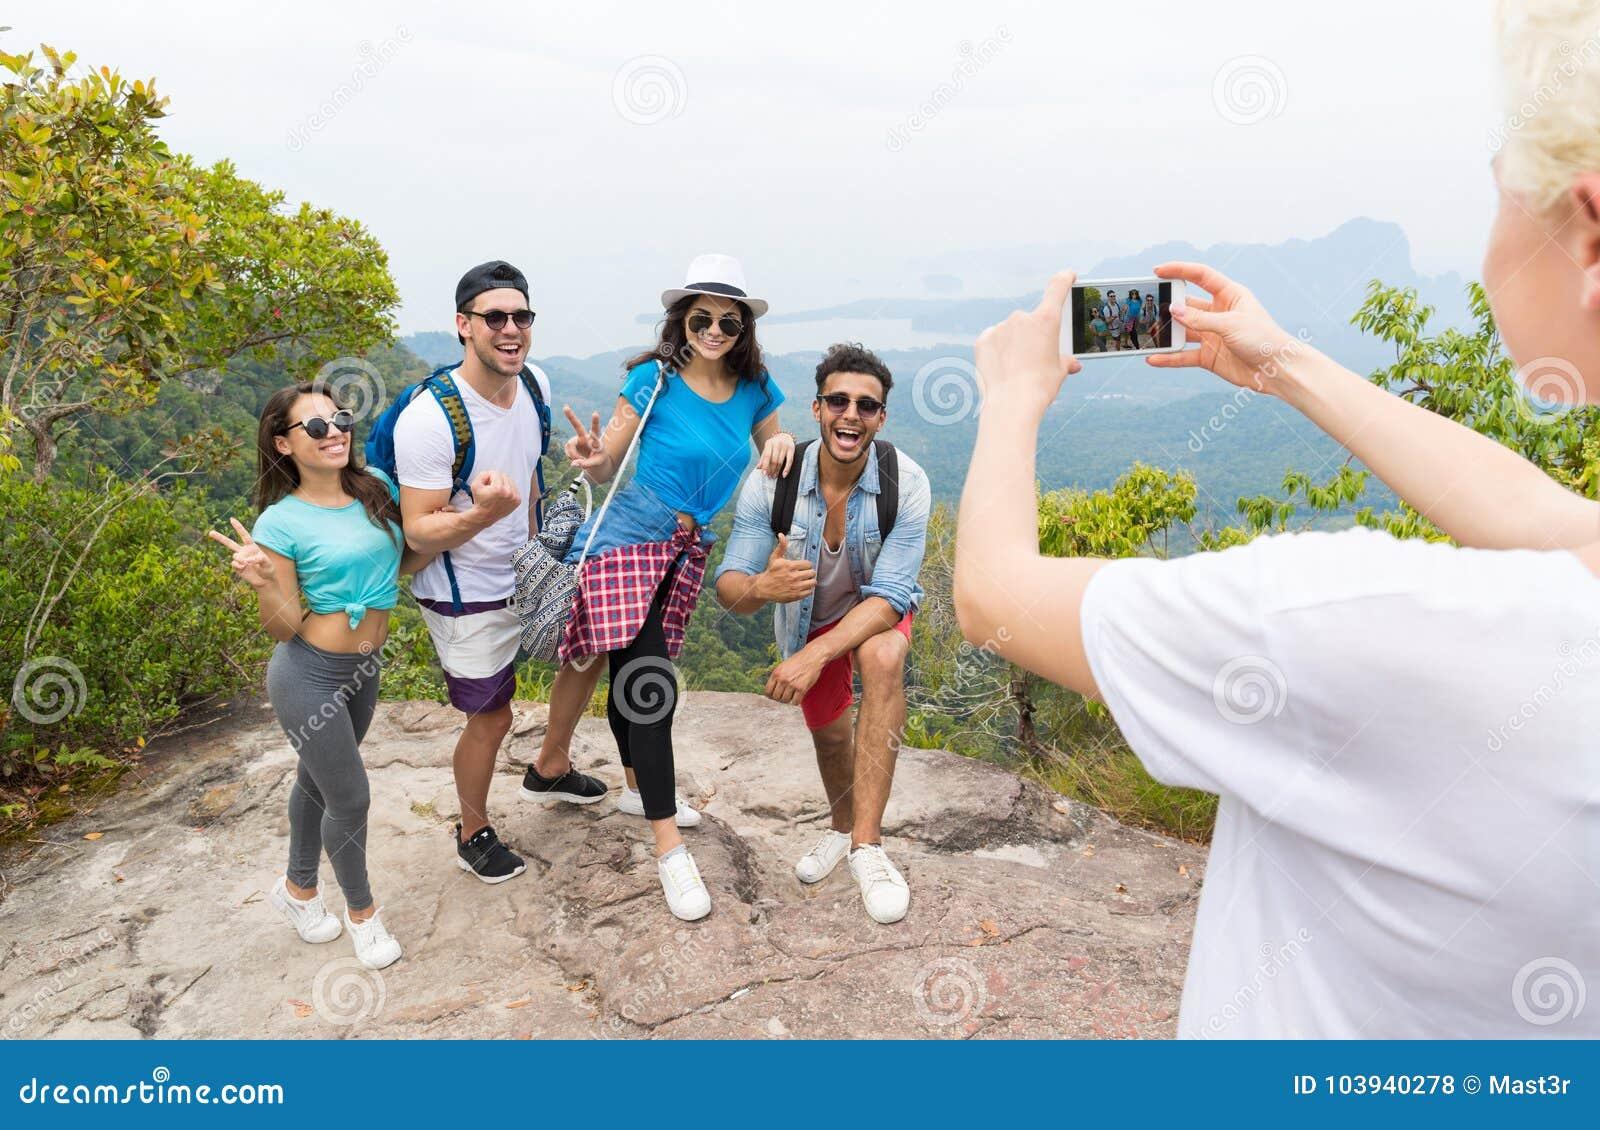 Zellintelligentes Telefon, das Foto der netten touristischen Gruppe mit Rucksack über Landschaft von der Gebirgsspitze, Leute-Auf